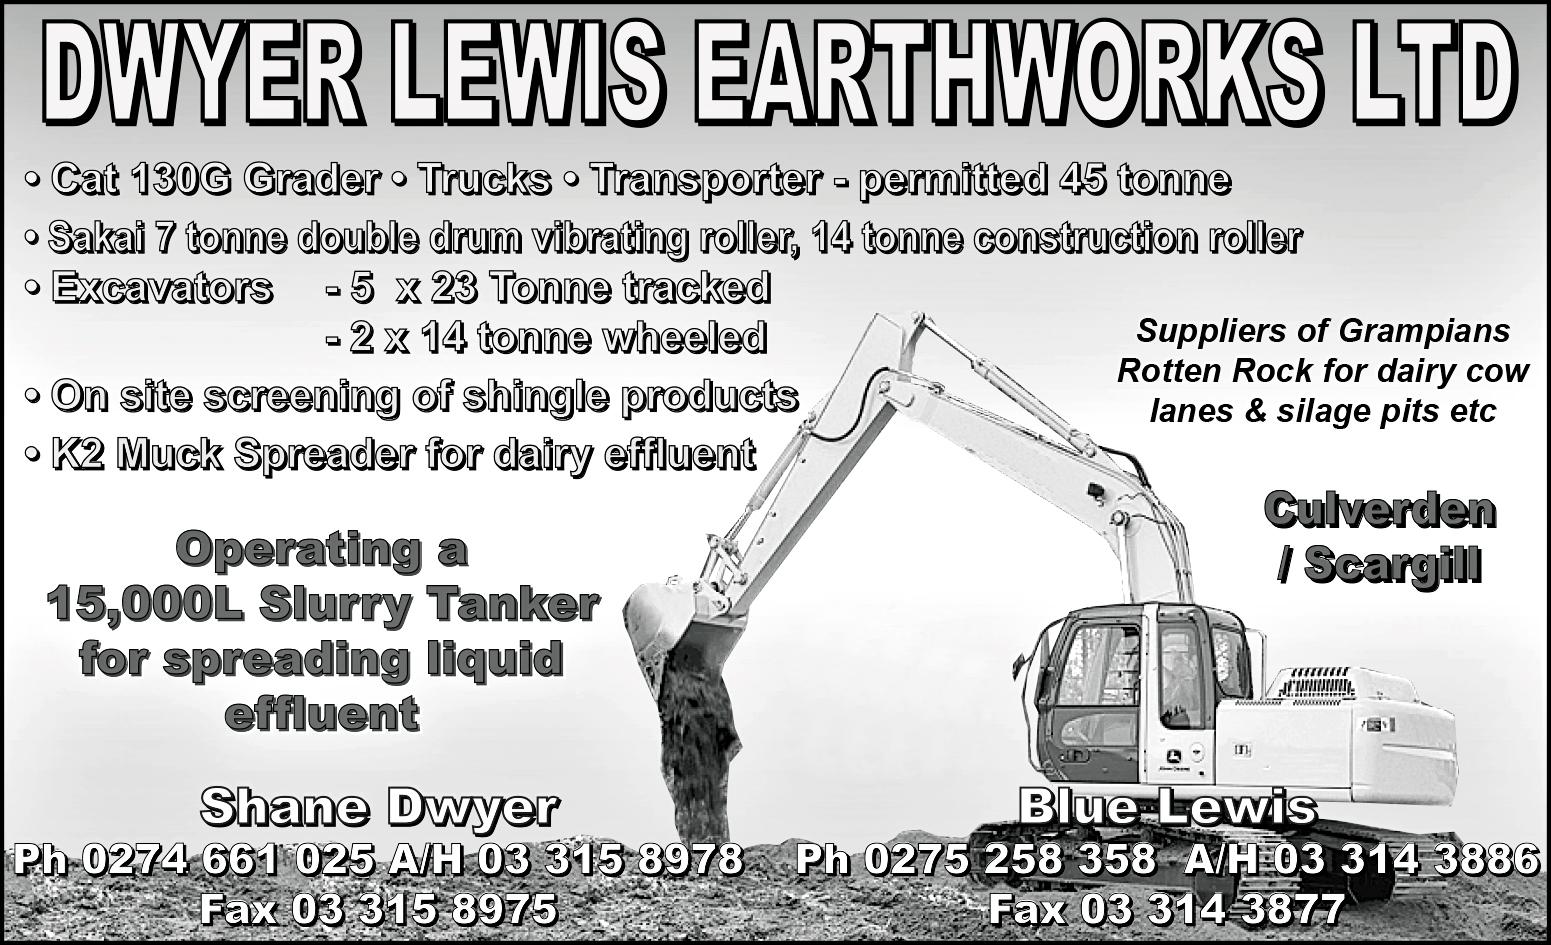 Dwyer Lewis